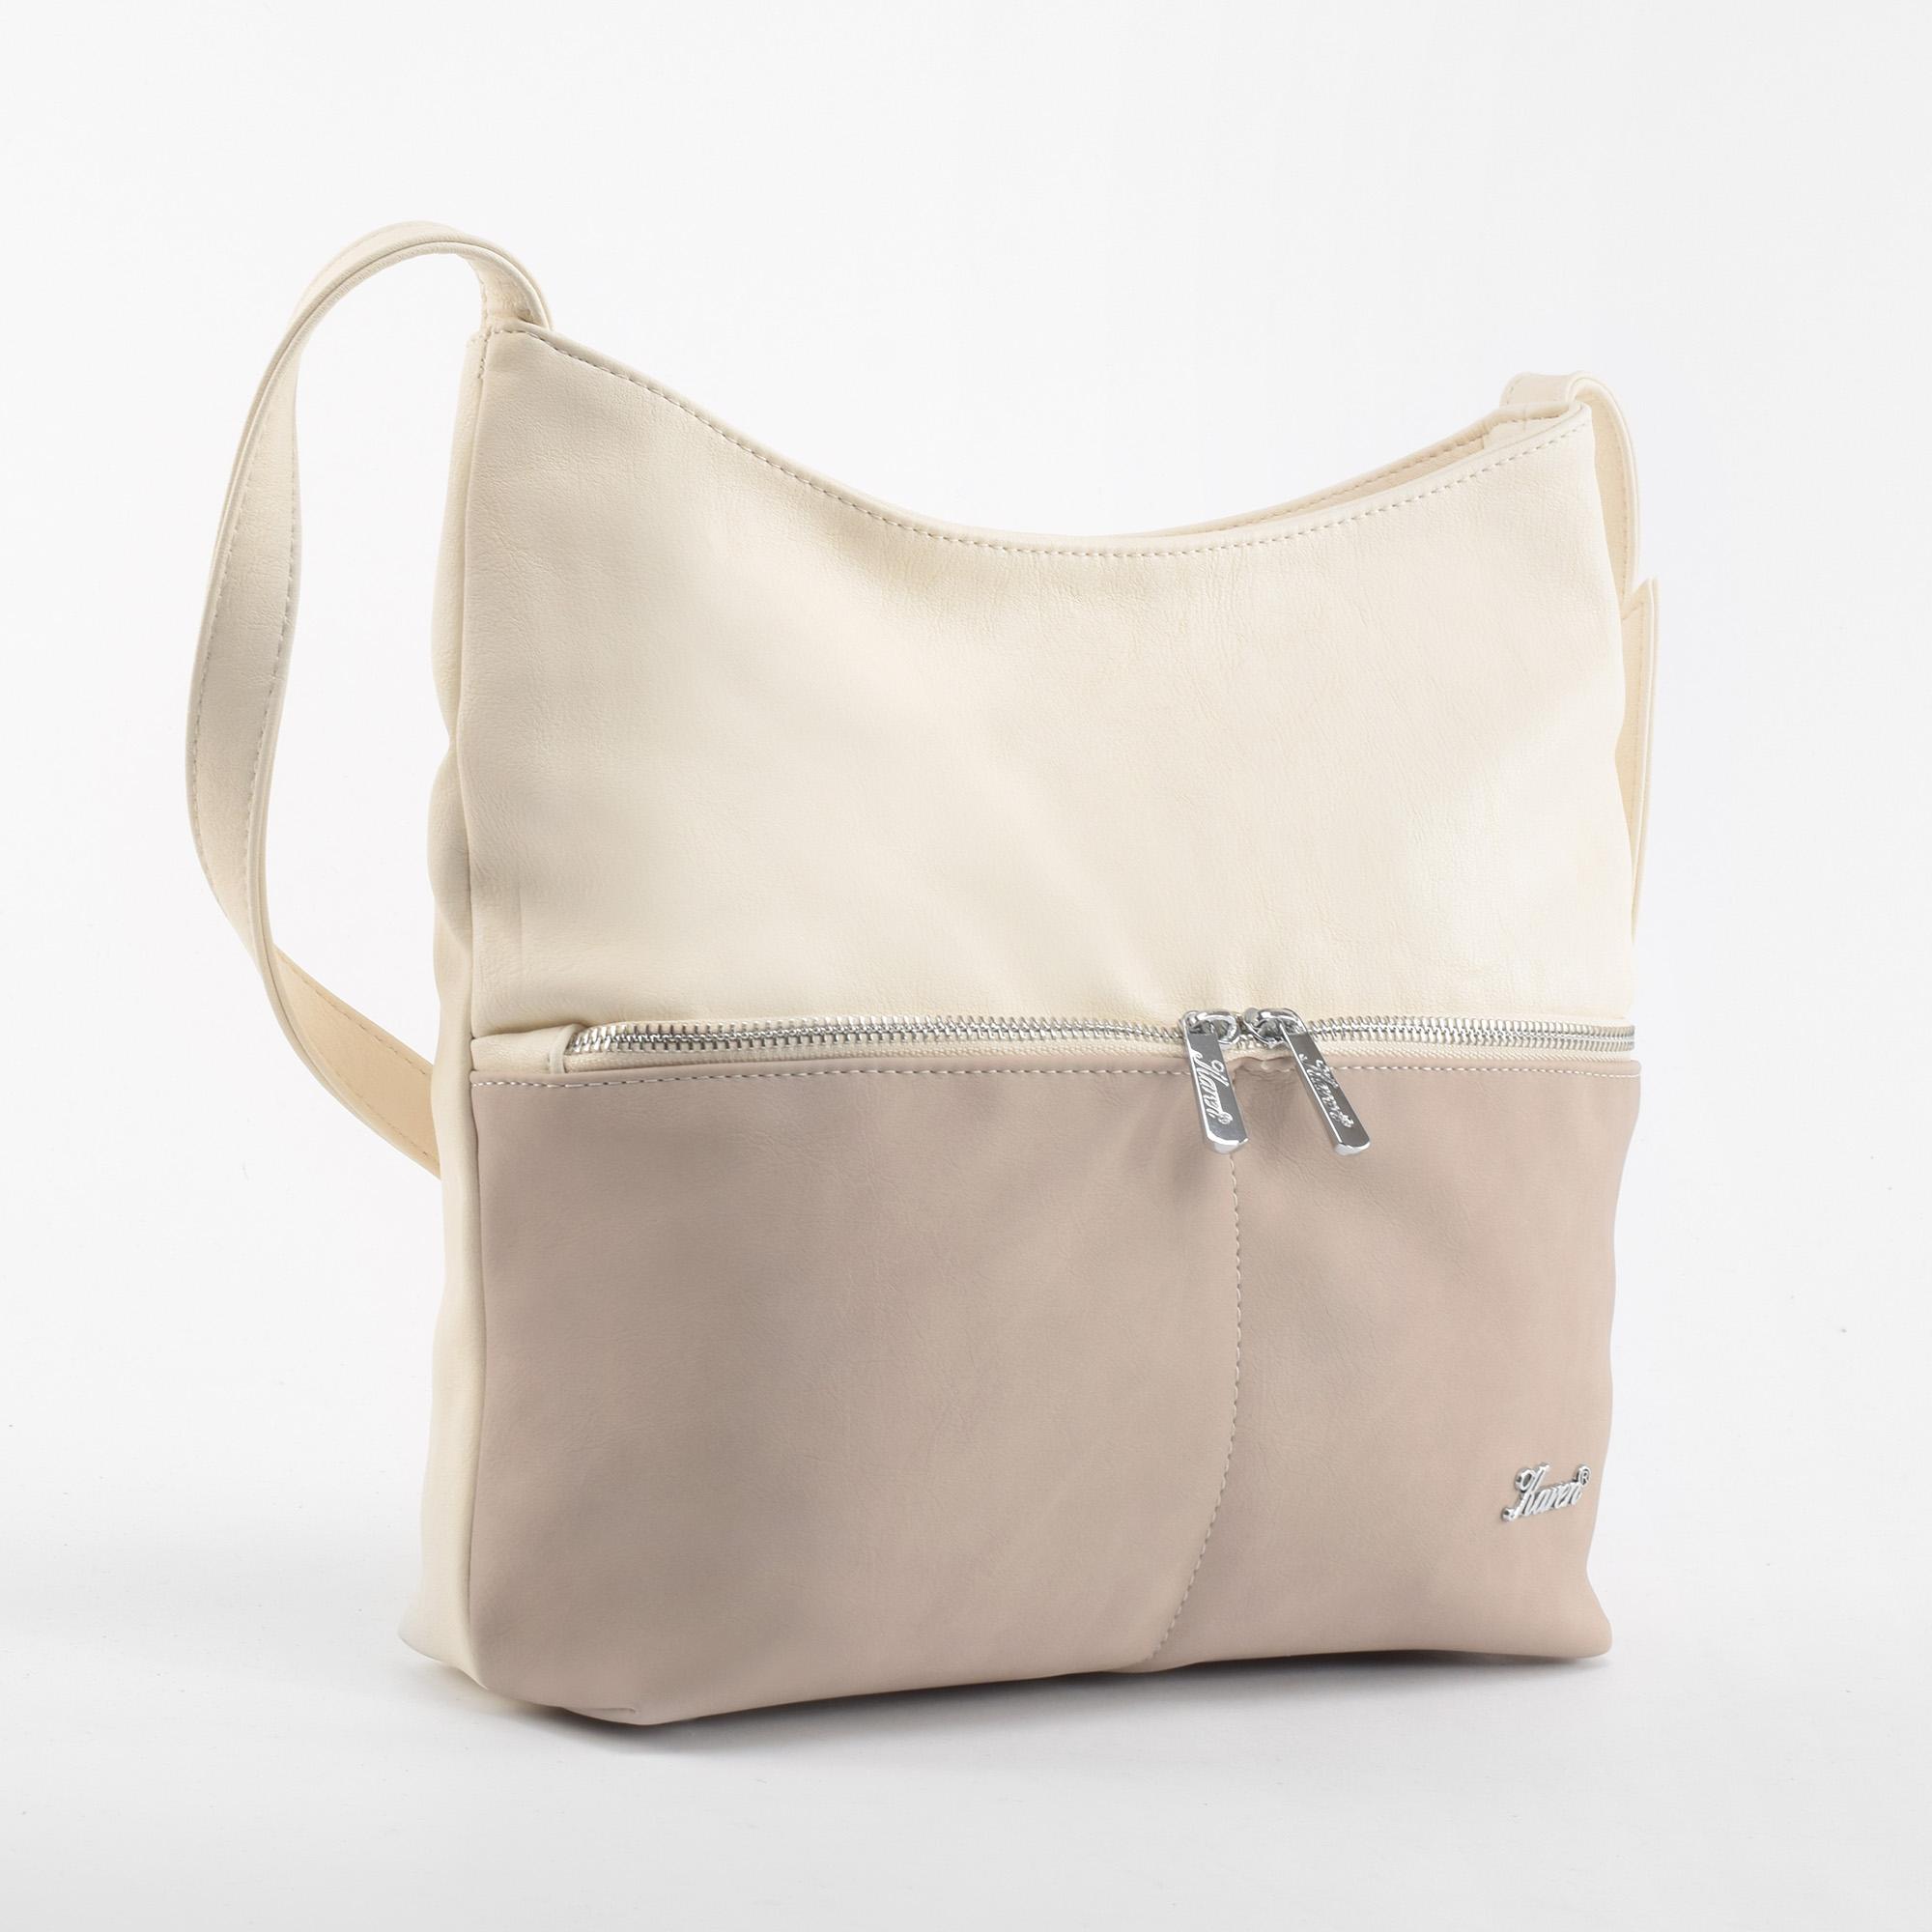 090fa3fc0b Karen Női Bézs Rostbőr Oldaltáska - Oldaltáskák - Táska webáruház -  Minőségi táskák mindenkinek